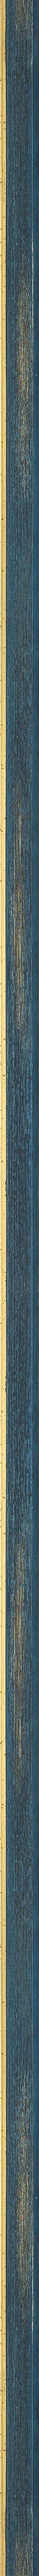 CONTEMPORARY HANDMADE BLUE FRAME frame